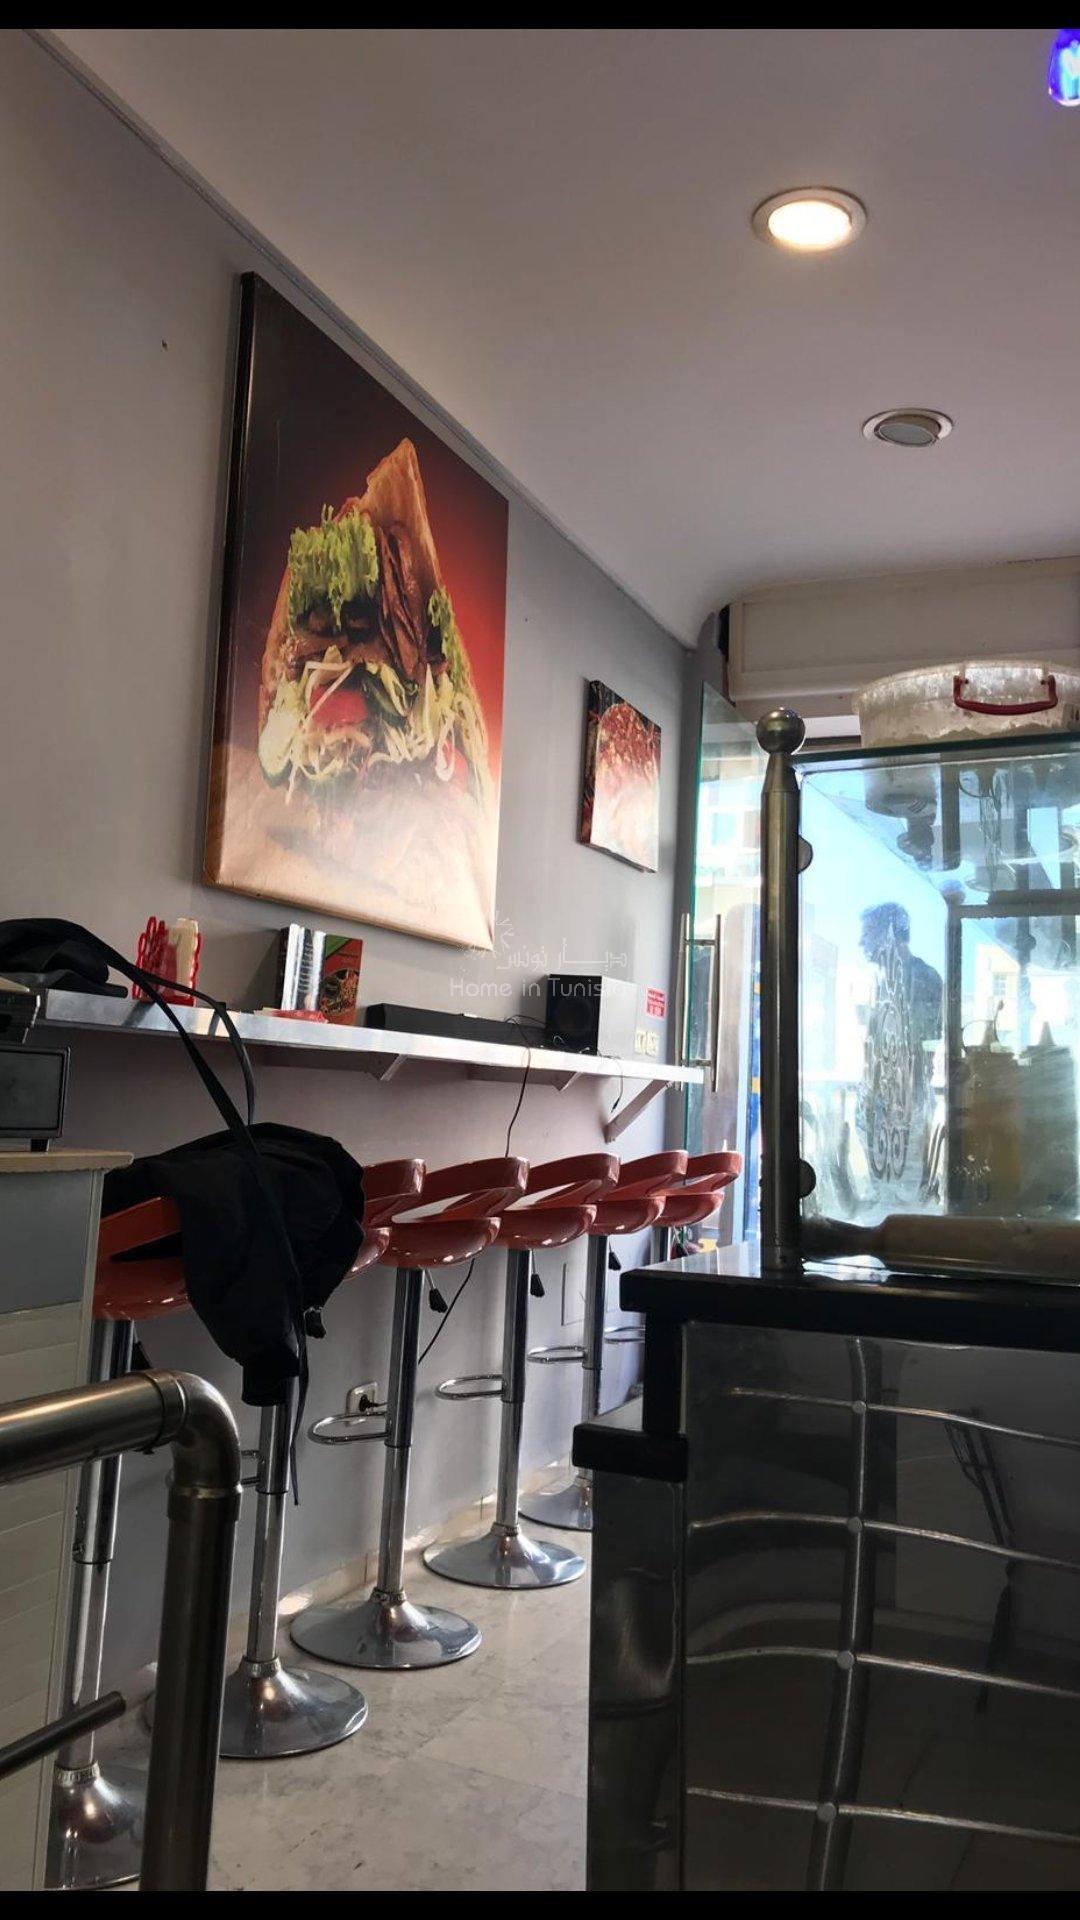 Restaurent situé à Sahloul